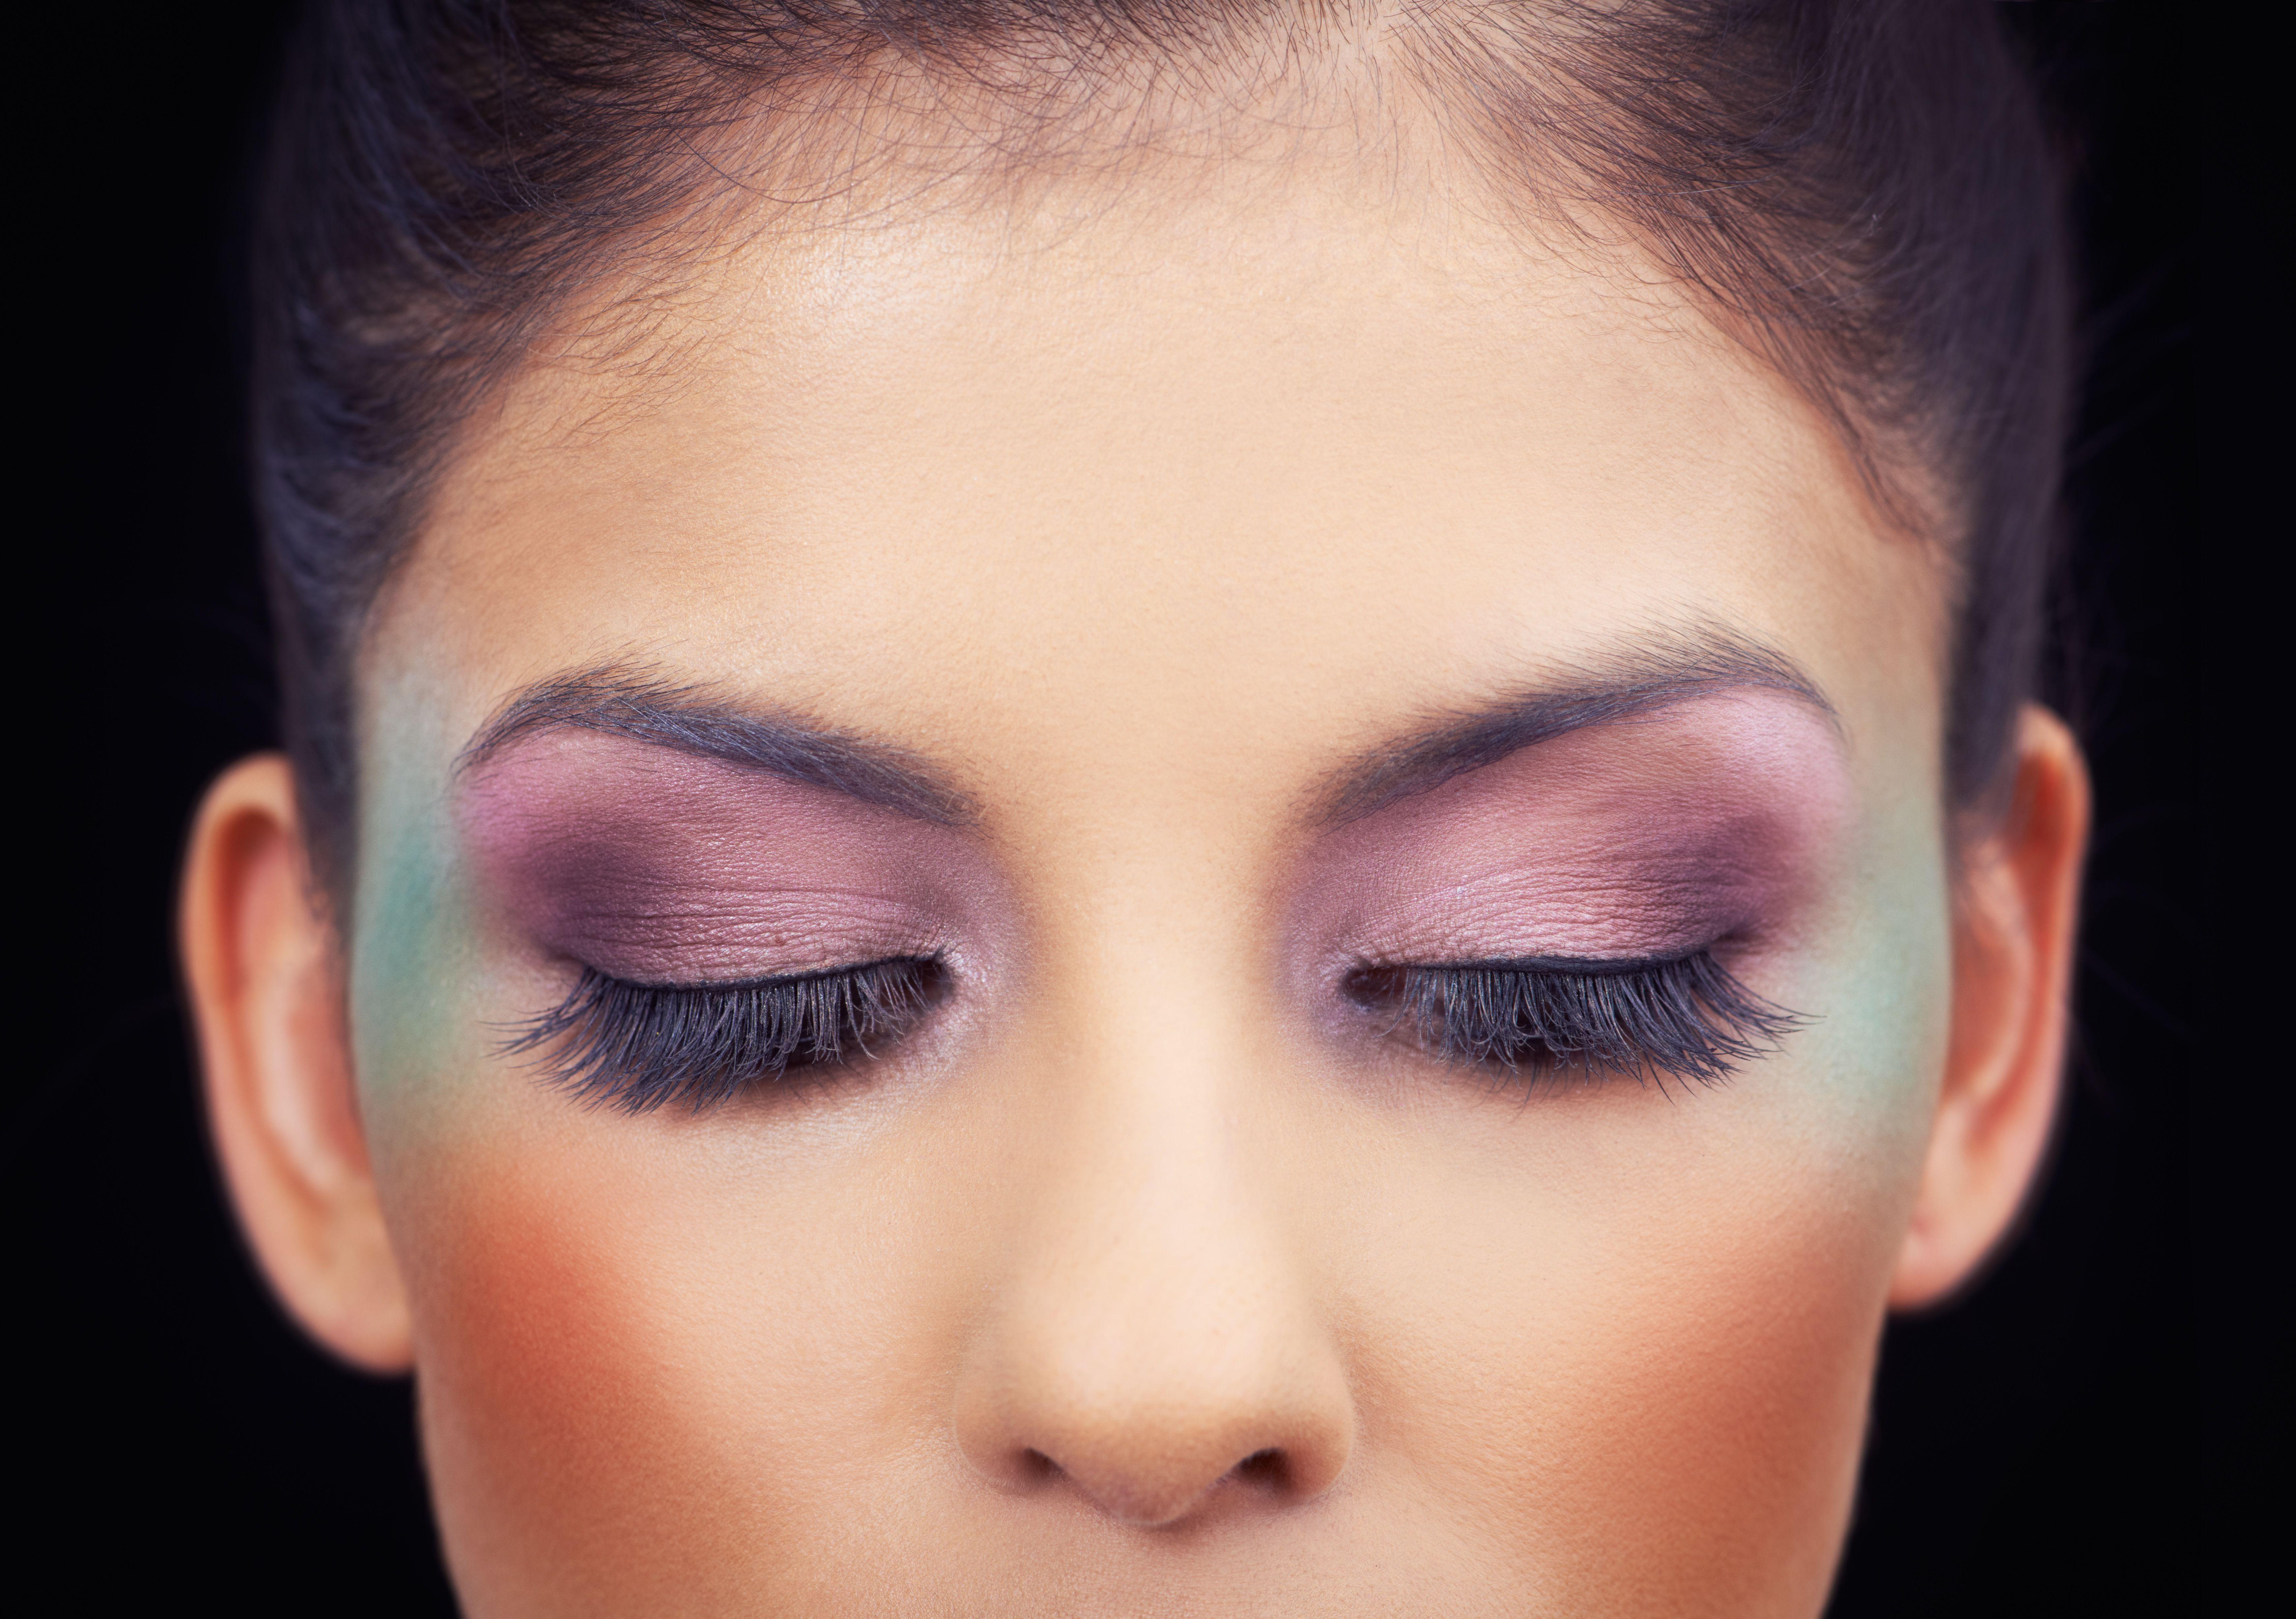 C mo maquillarse los ojos paso a paso - Como maquillarse paso a paso ...